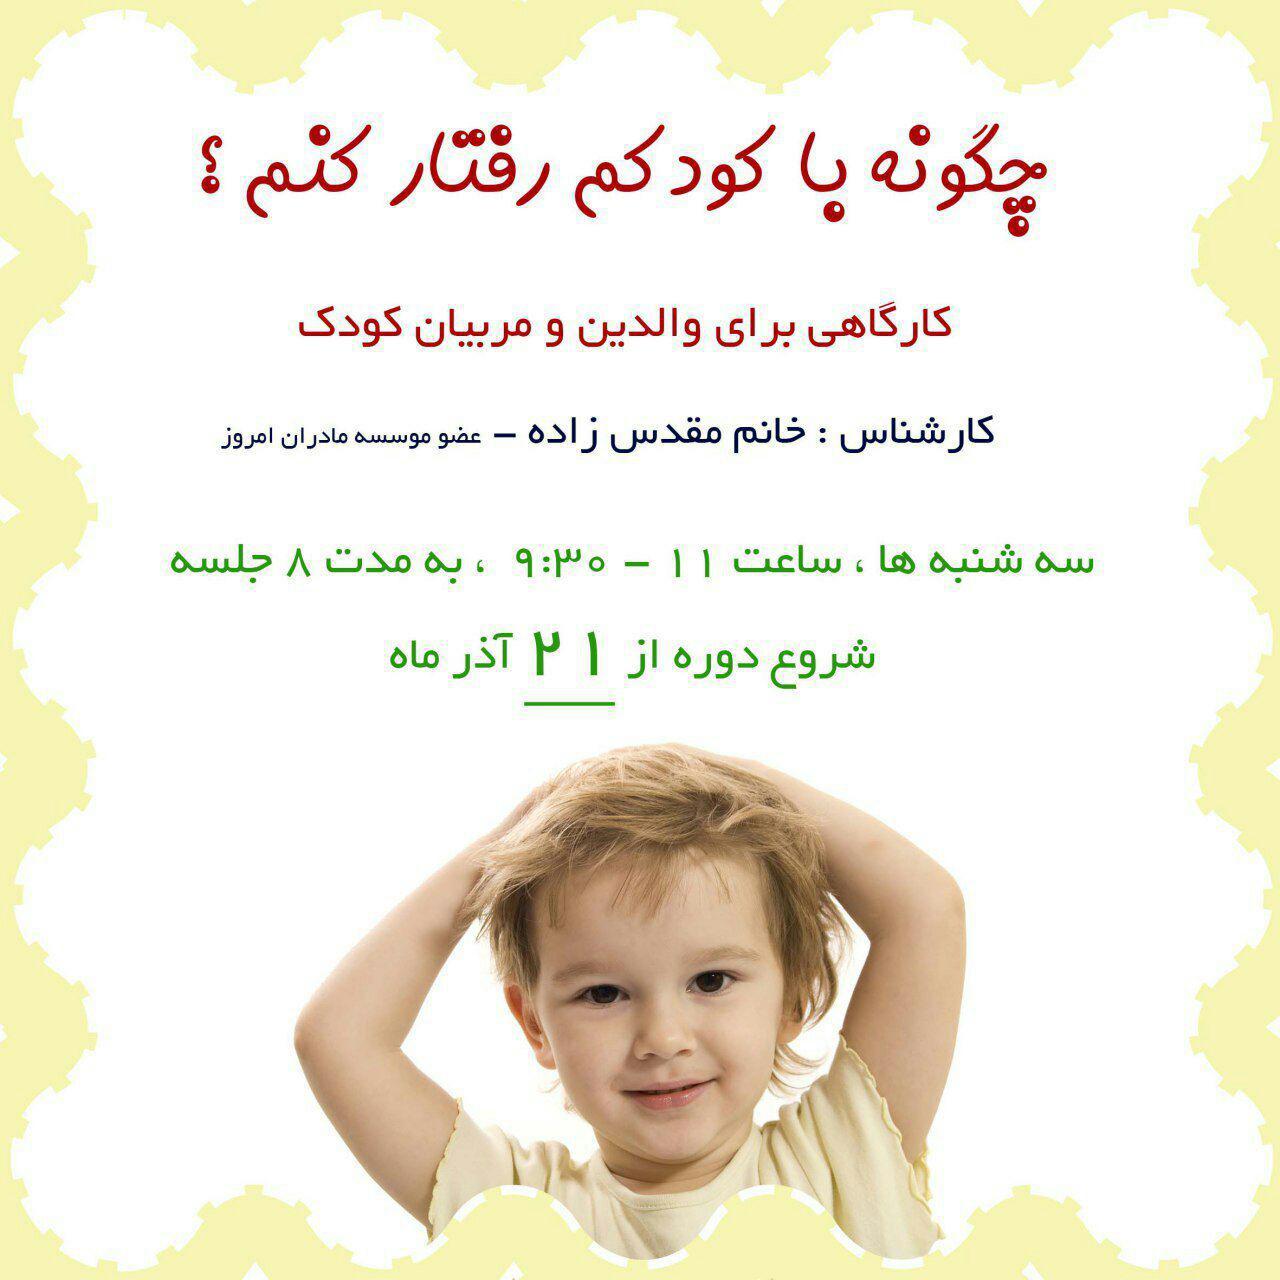 پوستر کارگاه رفتار با کودک